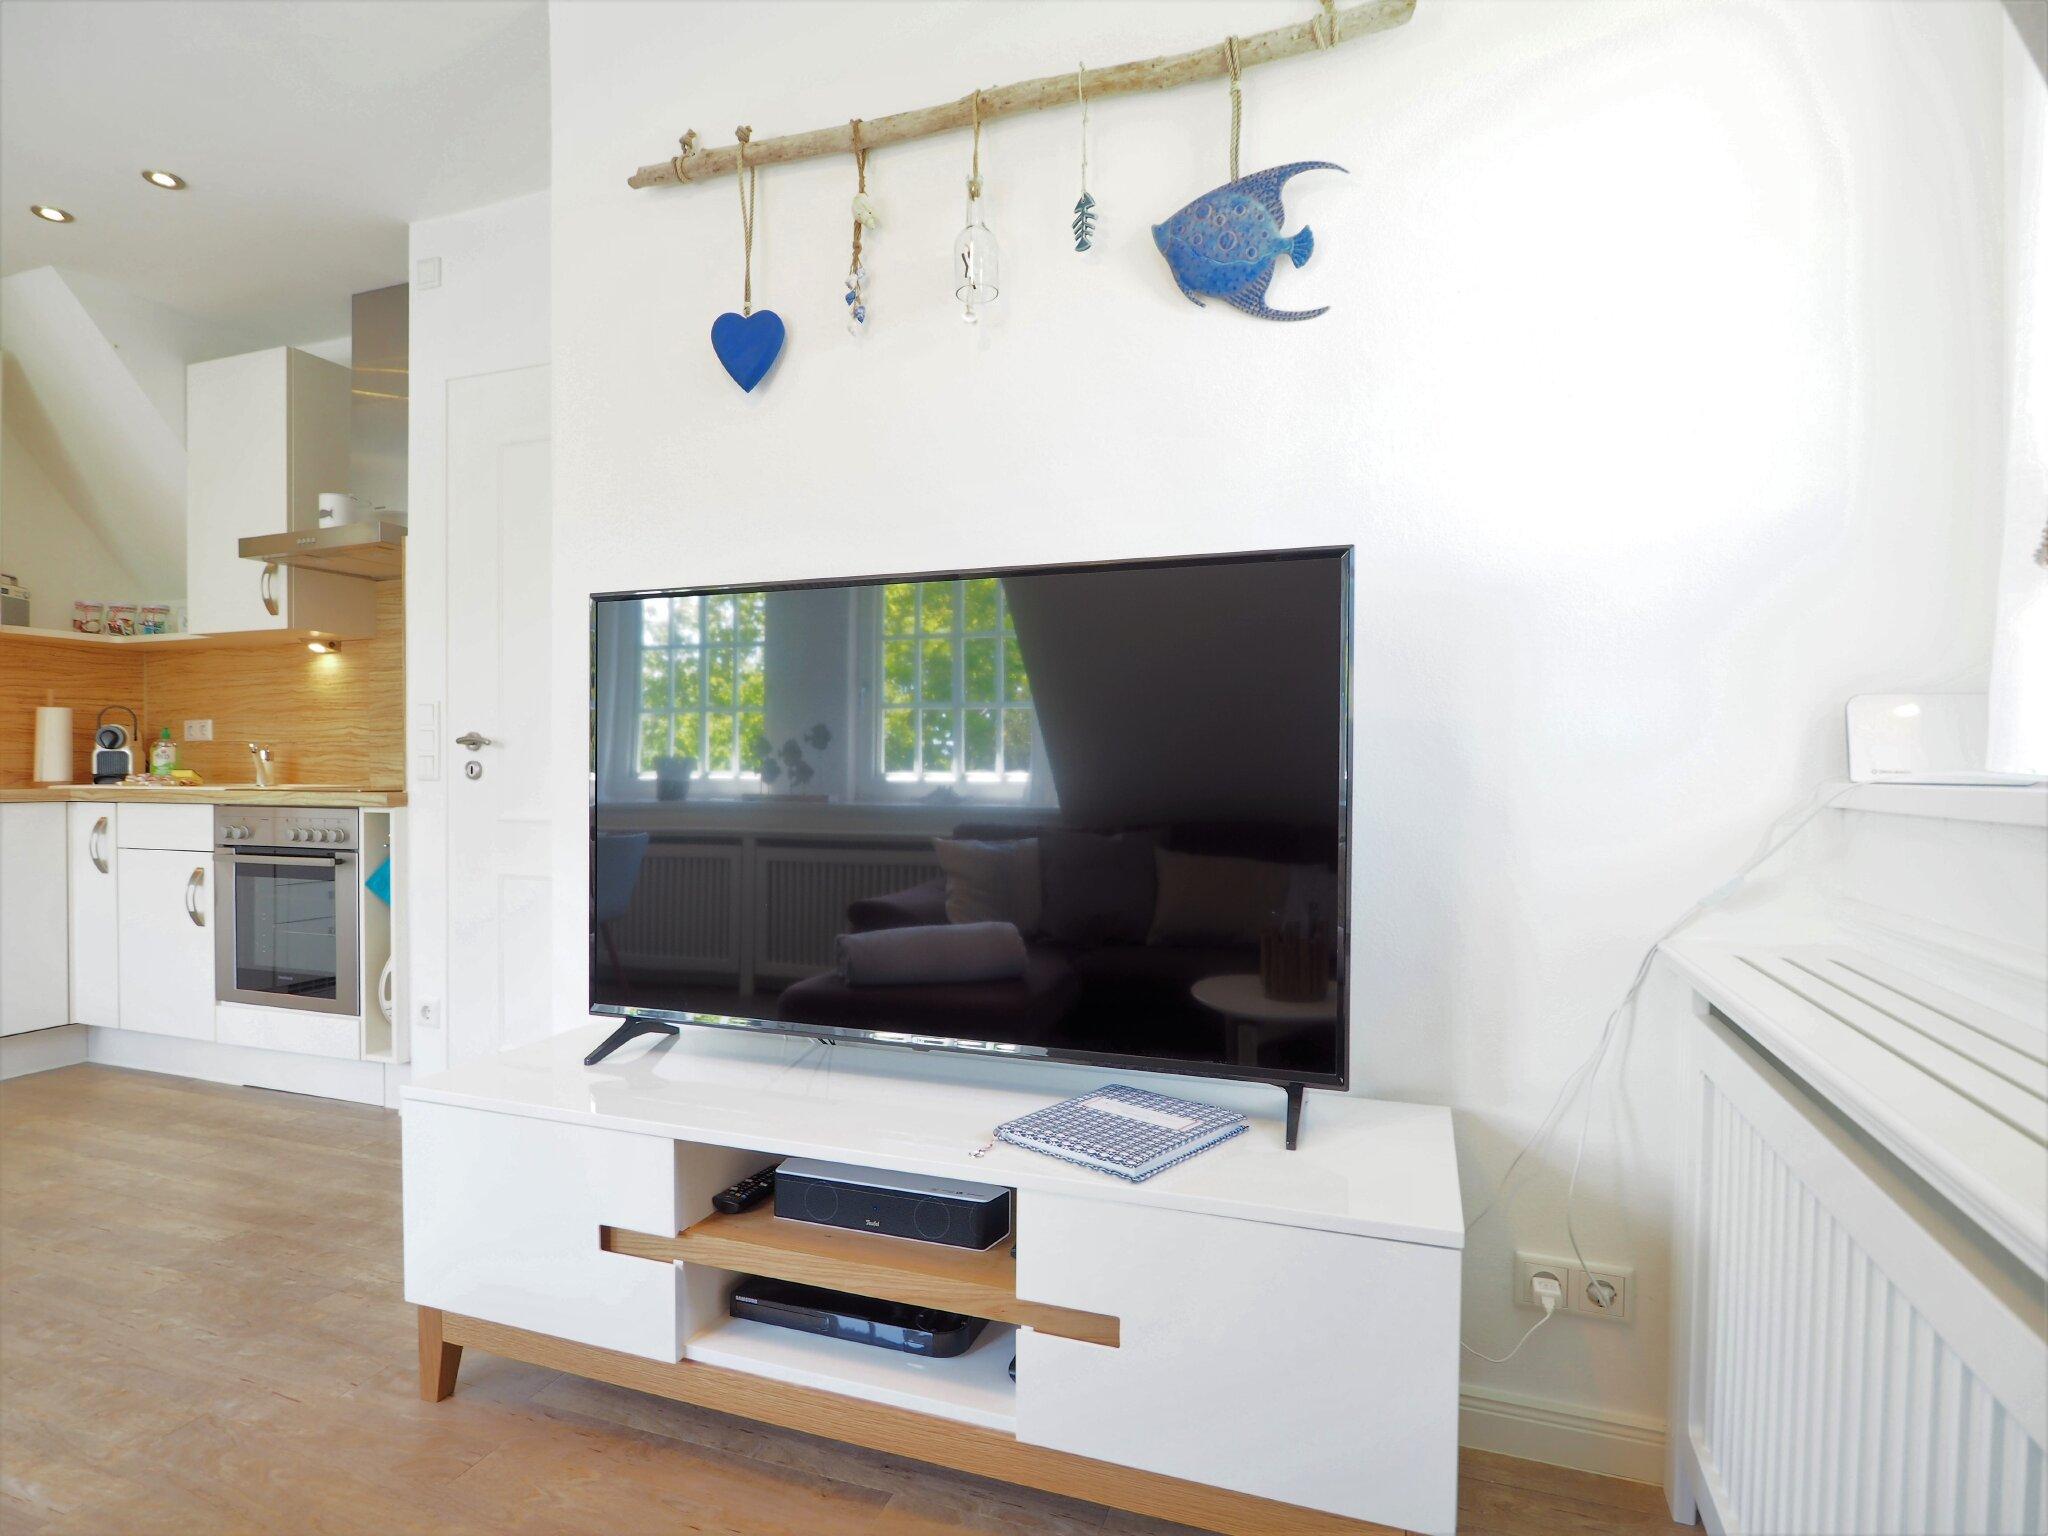 Bequeme ausziehbare Couch (140x200cm)